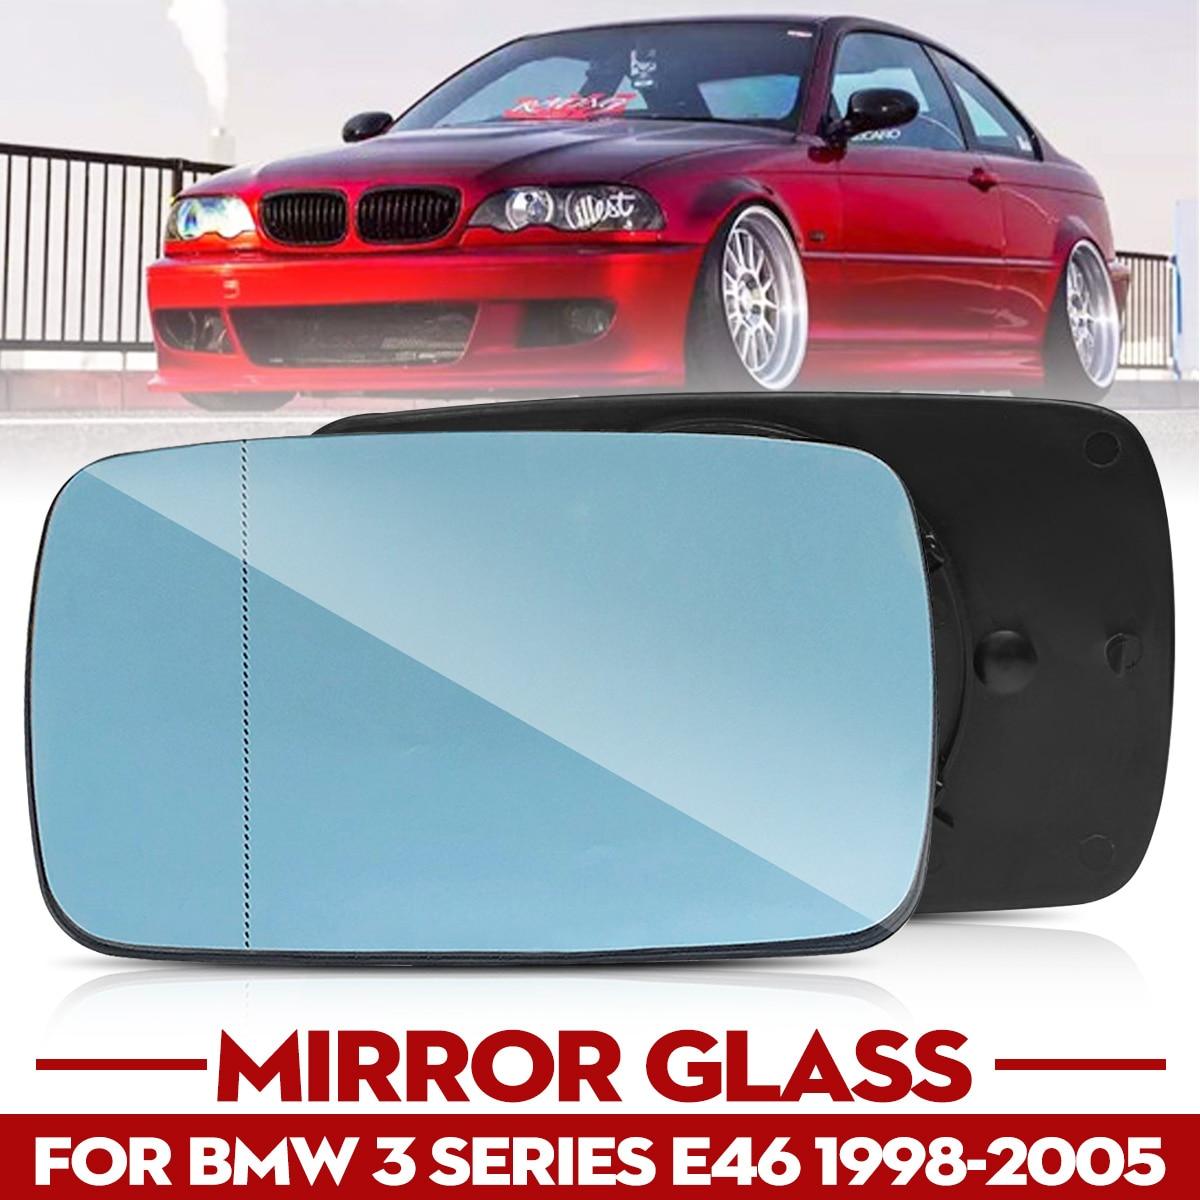 Substituição Esquerda Para a Direita Azul Aquecida Vidro Espelho Retrovisor Para BMW Série 3 E46 1998-2005 51168250438